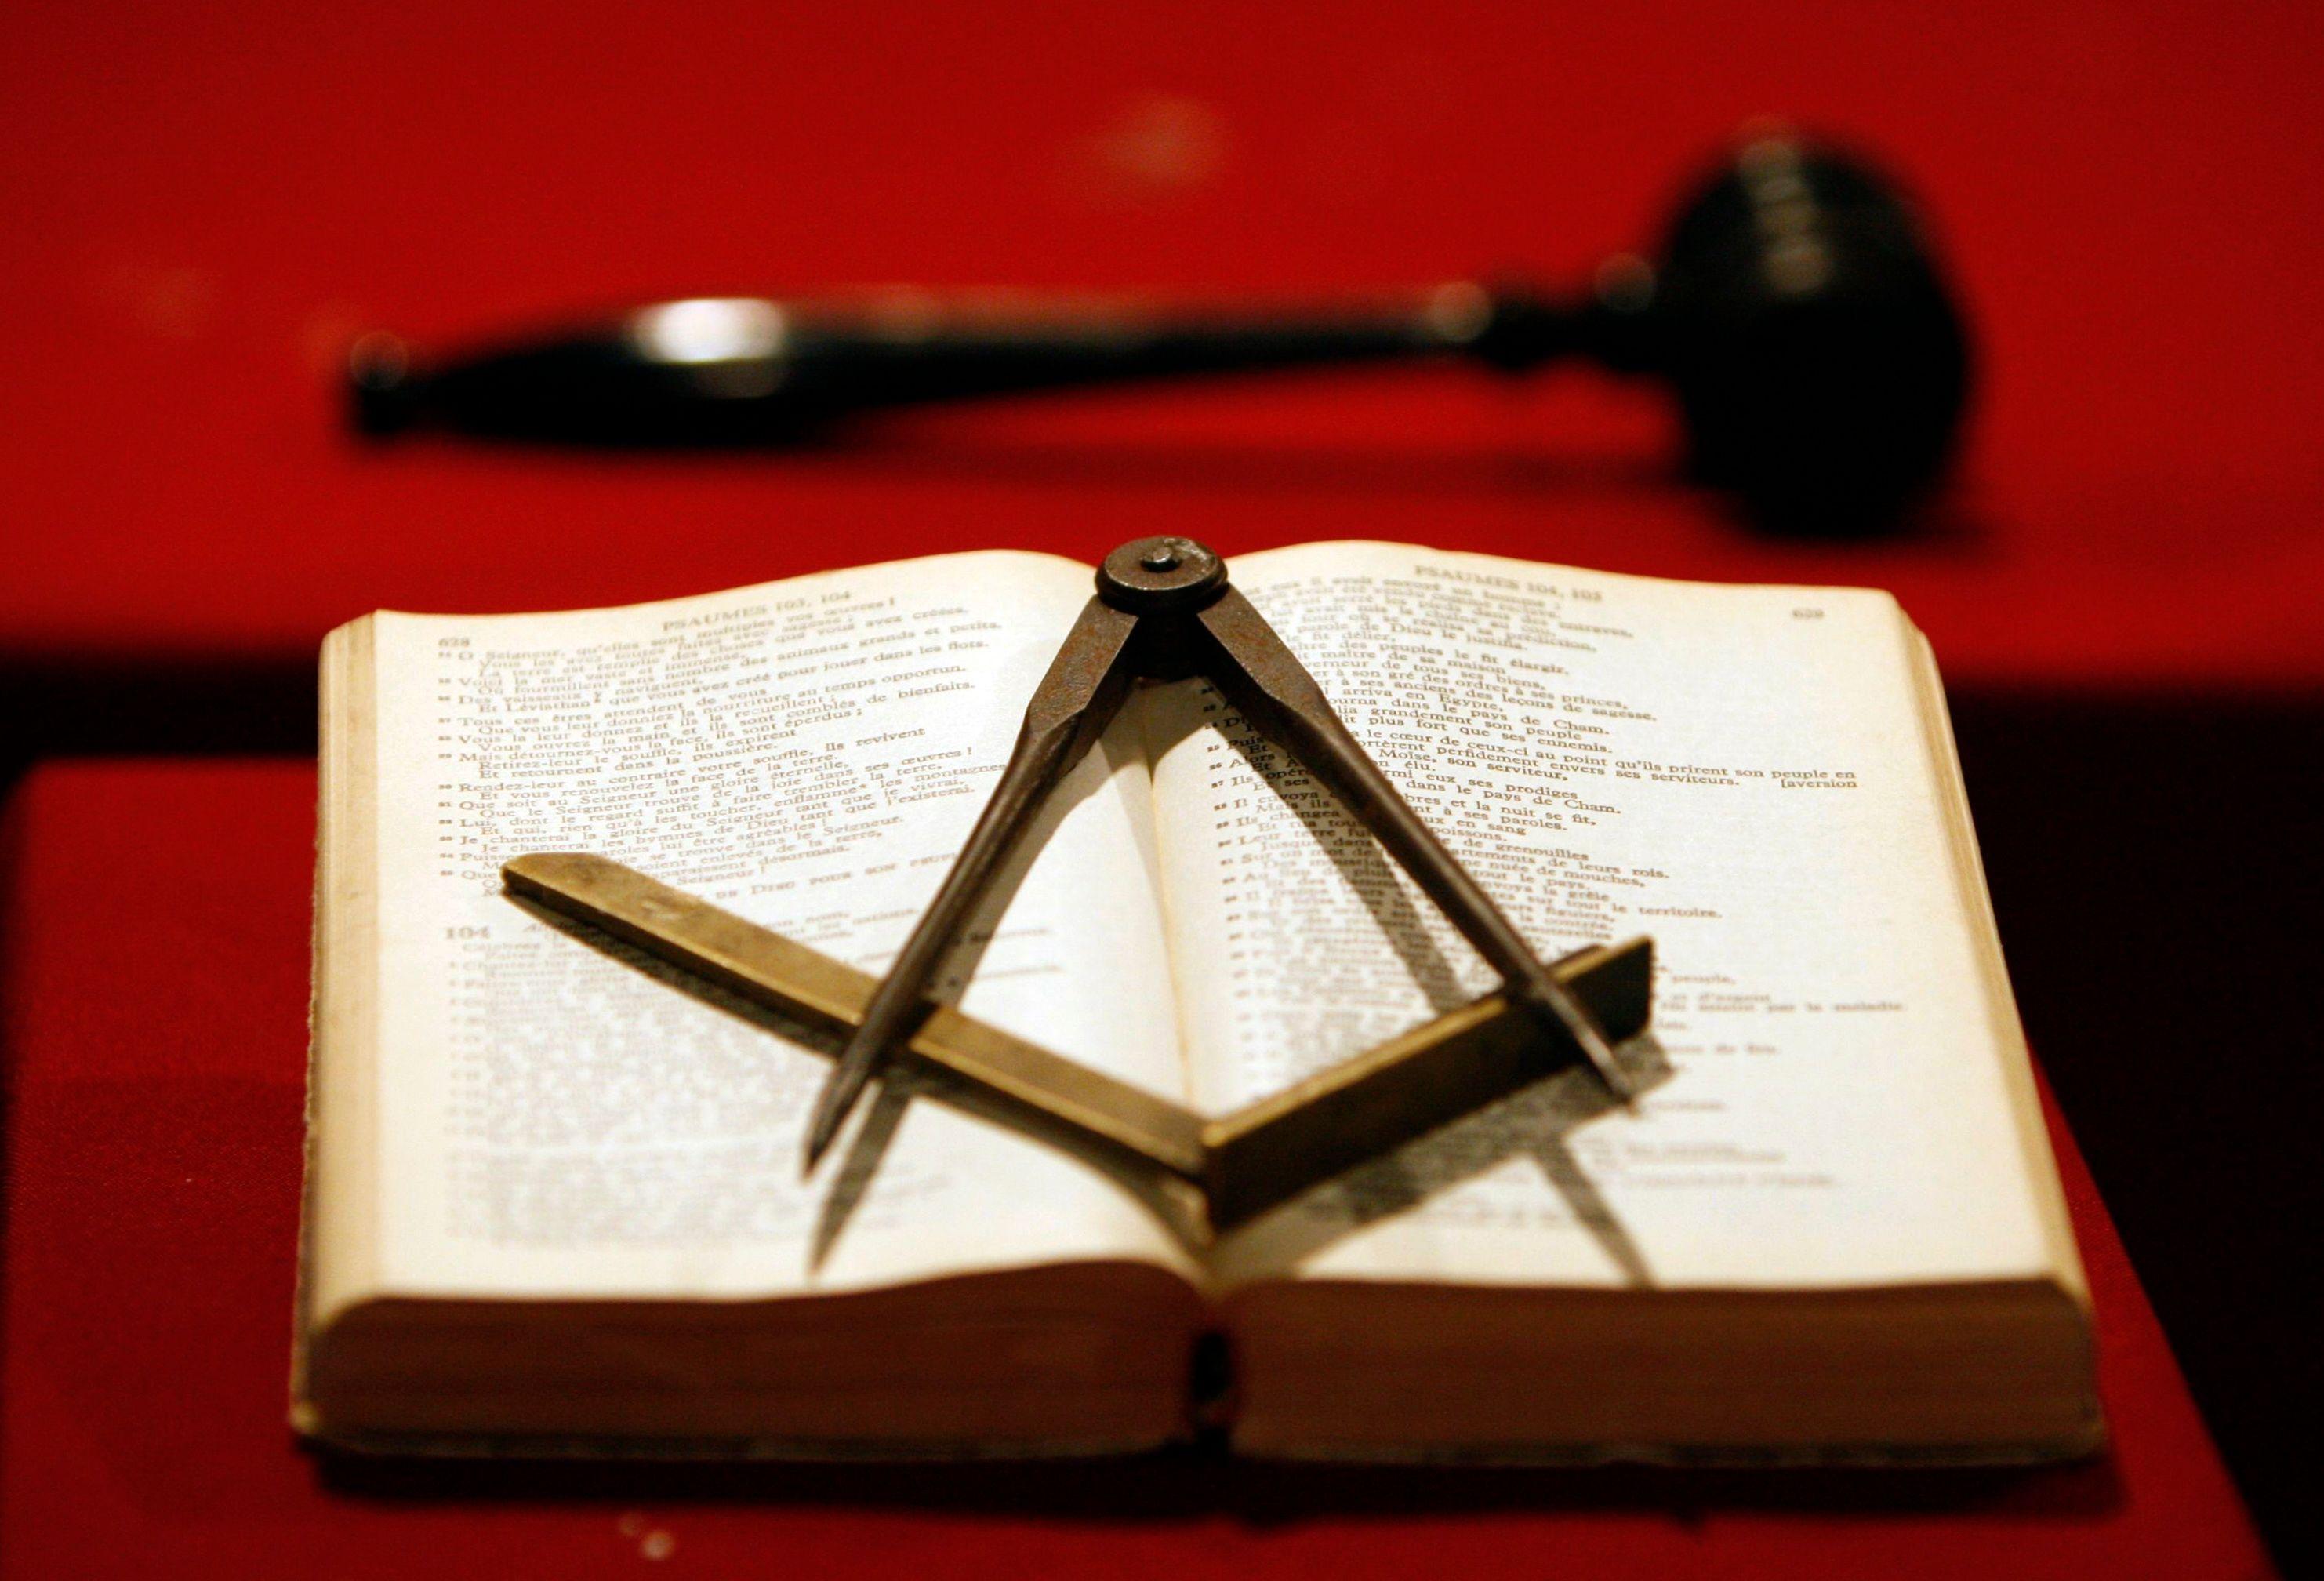 Le petit dictionnaire des (vrais et faux) frères : ADAM, NOÉ, SALOMON, JÉSUS-CHRIST ou CHARLES MARTEL ... Les ancêtres des Francs-Maçons